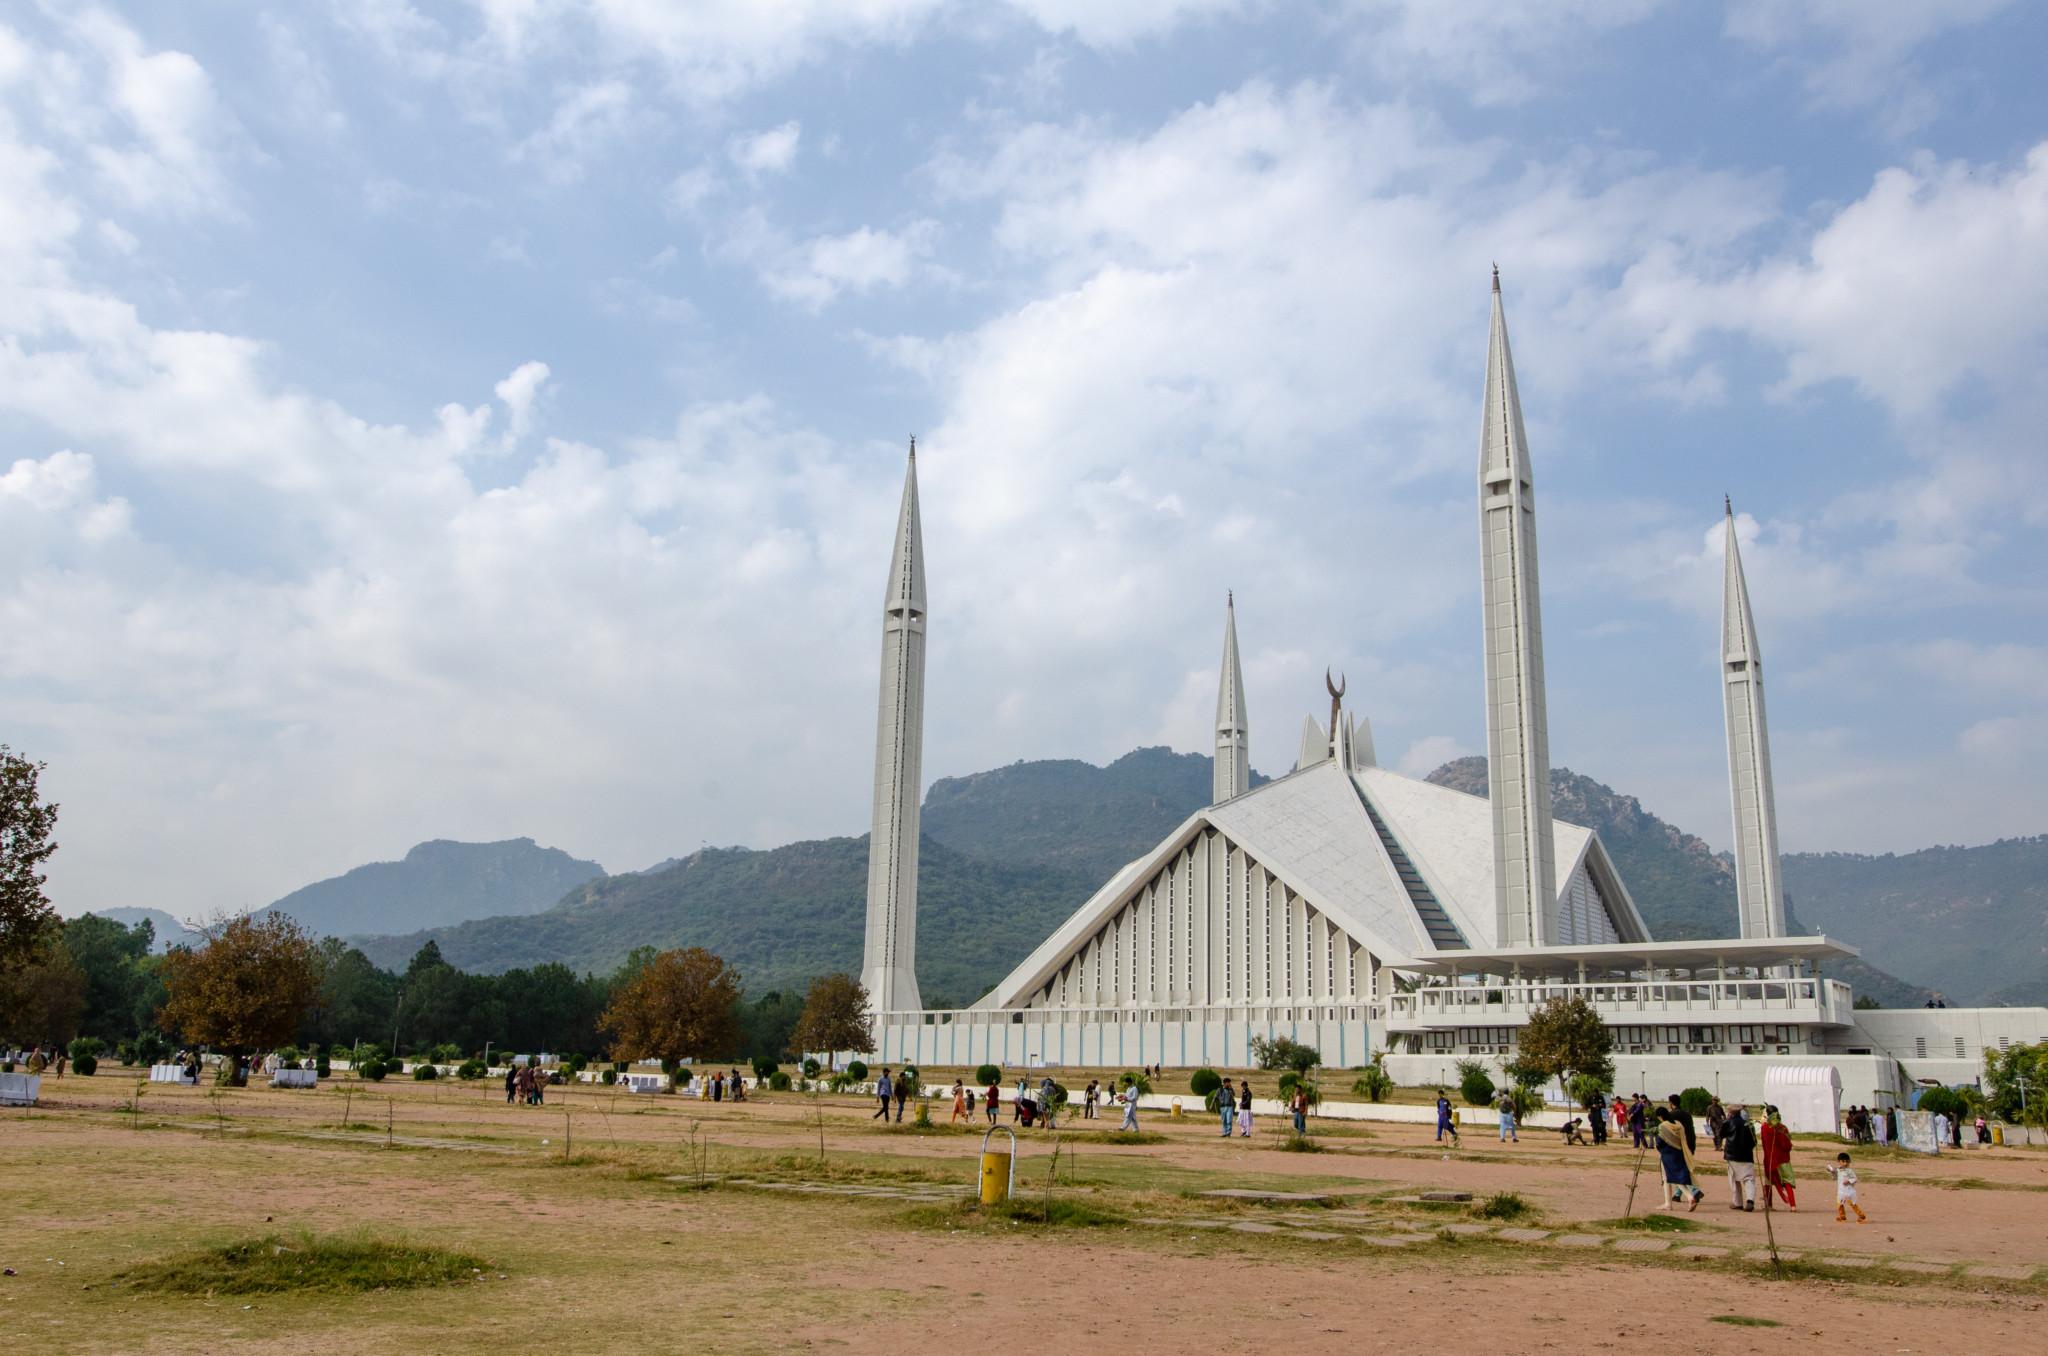 Faisal Moschee in Islamabad